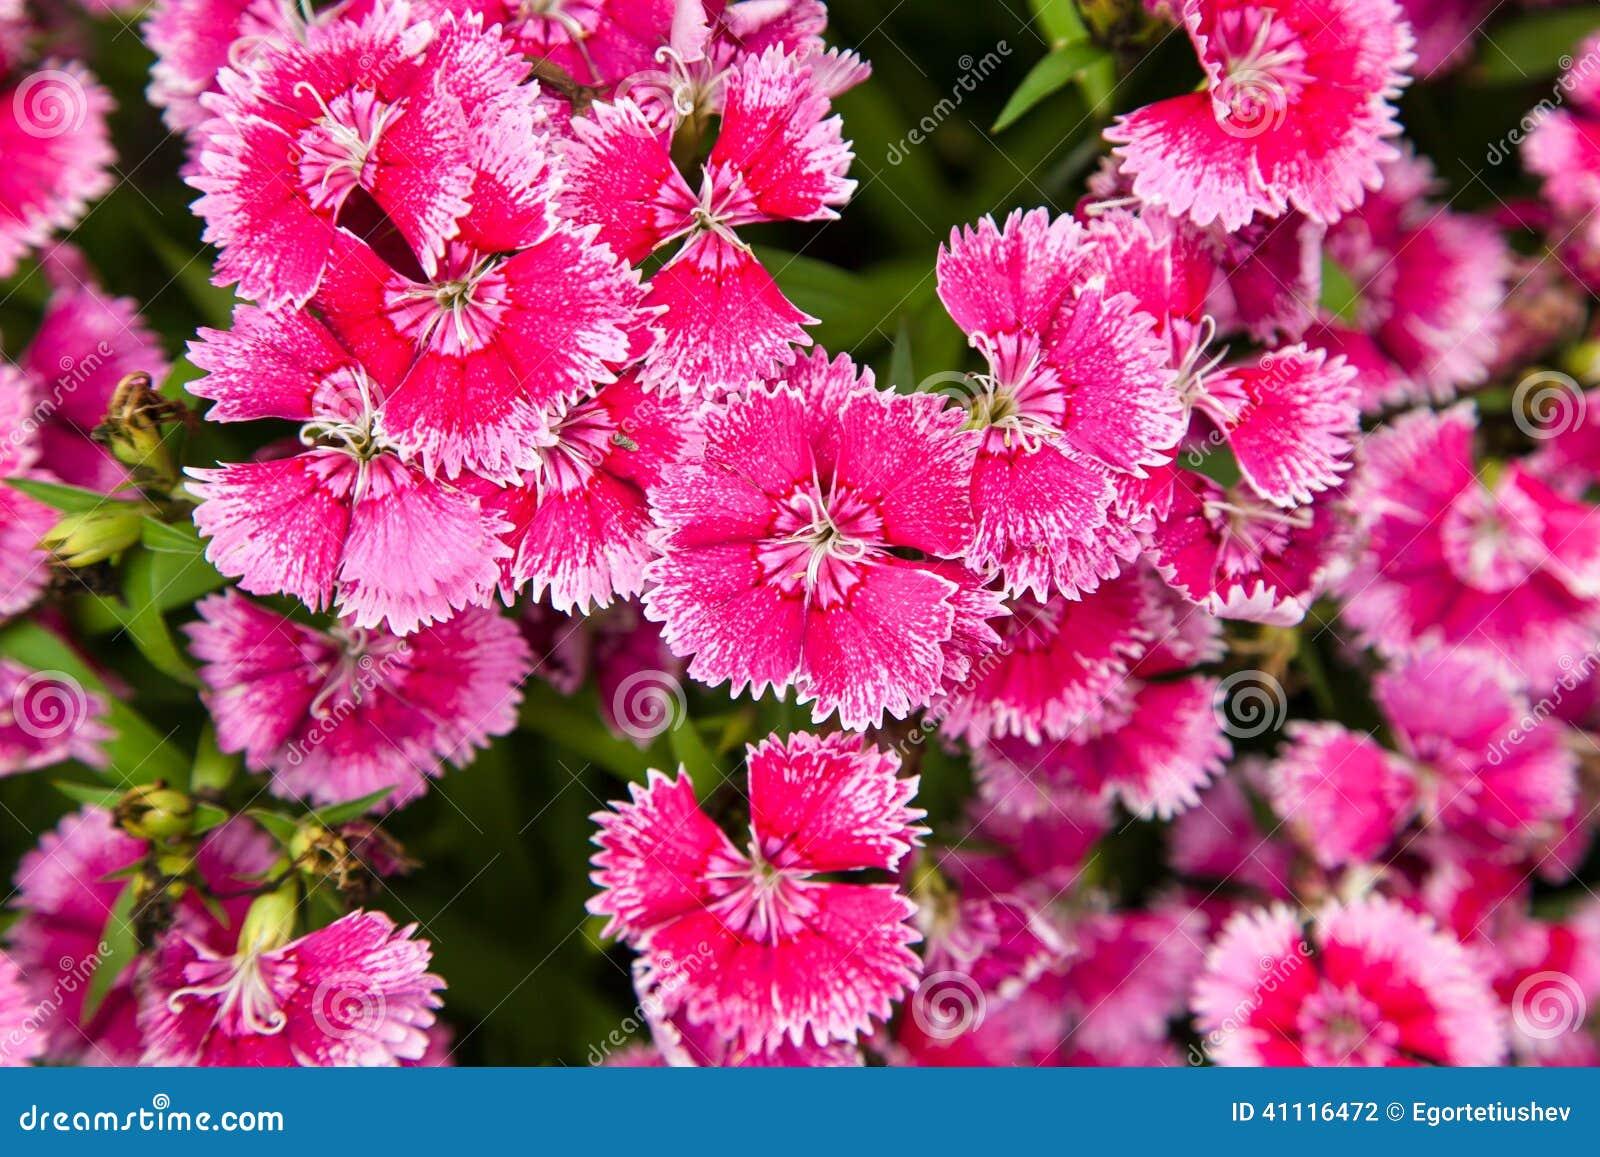 Exelent white flower with pink edges vignette wedding and flowers funky white flower with pink edges crest wedding and flowers mightylinksfo